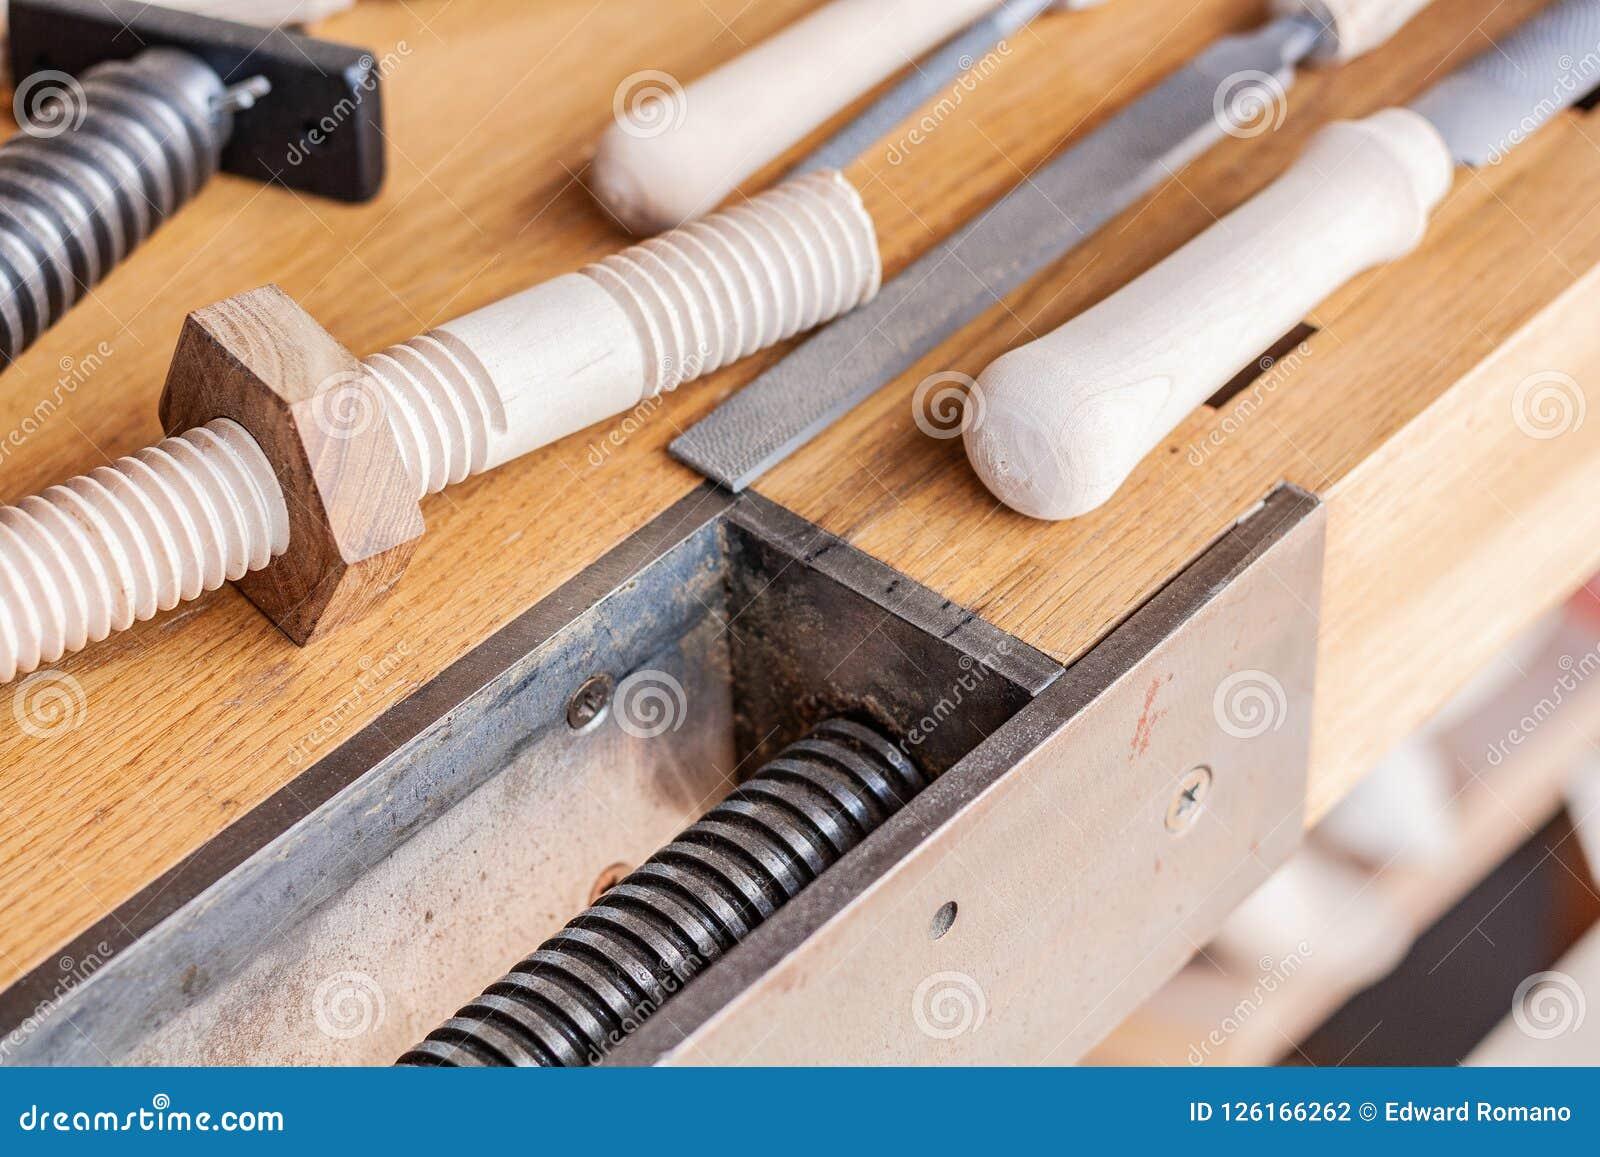 Holzbearbeitungskunst, eine ehrliche Besetzung innerhalb eines stützbaren Lebensstils Zimmerei und Ausschnitt